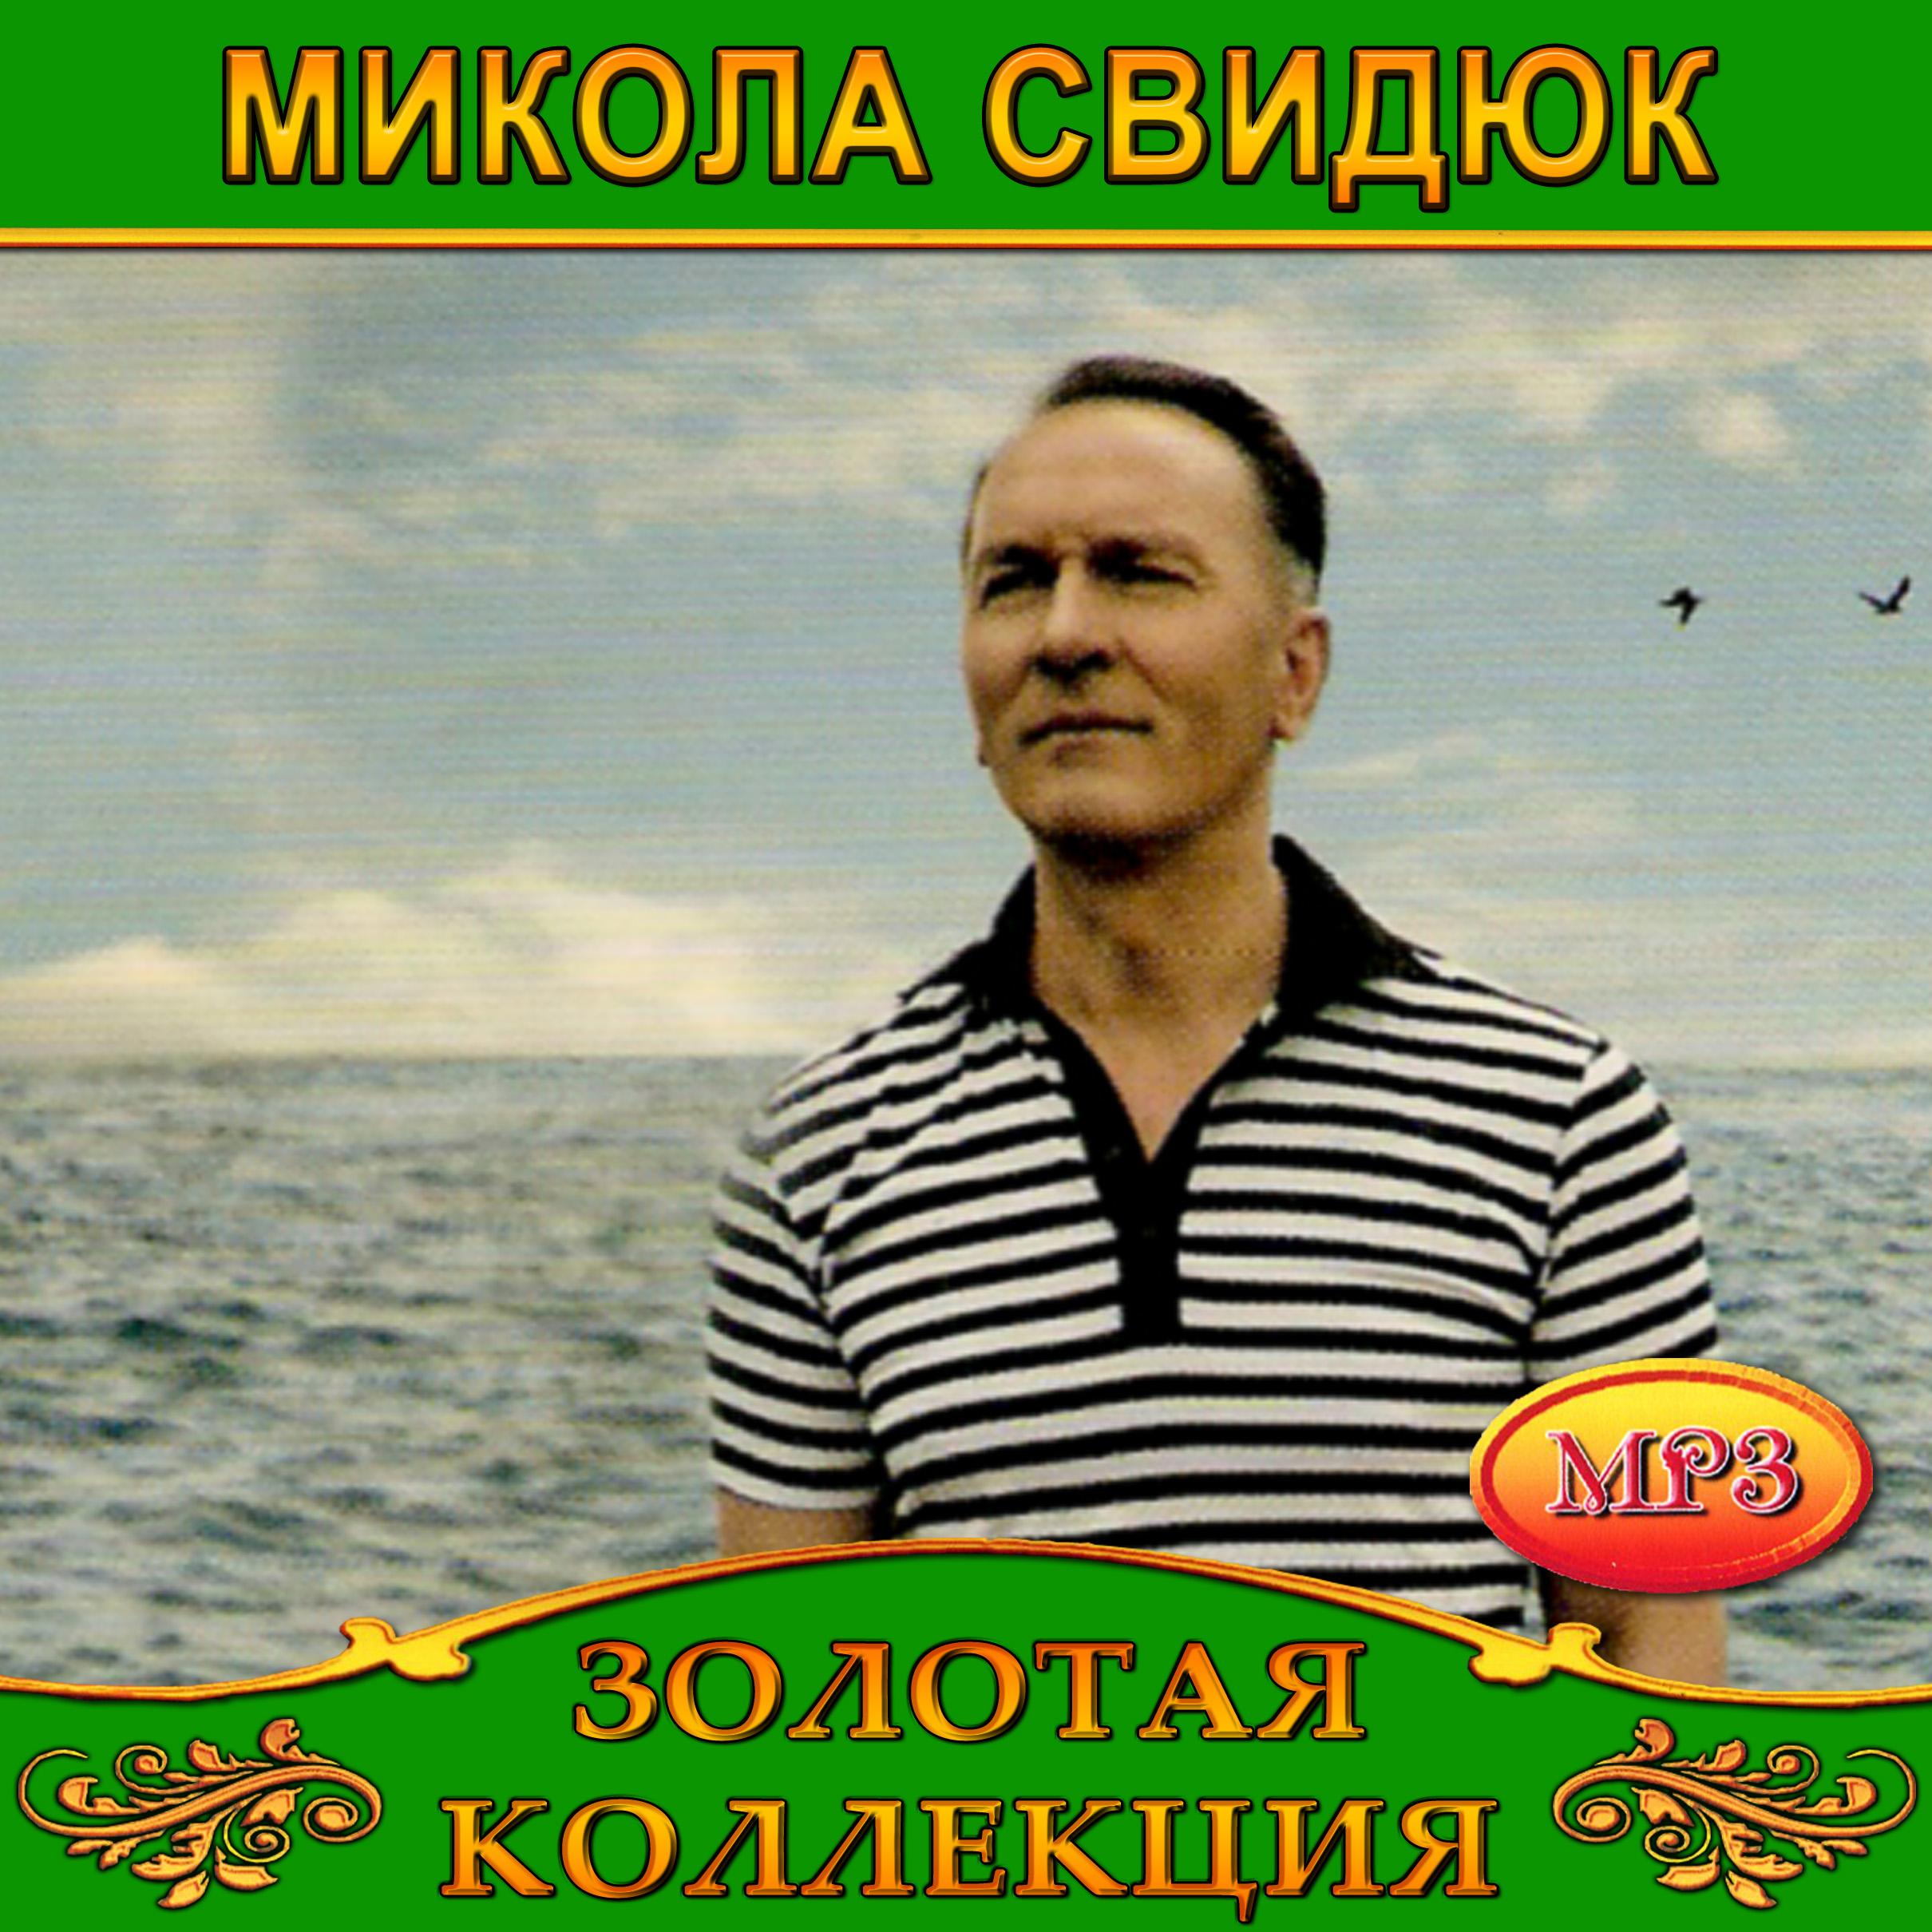 Микола Свидюк [mp3]